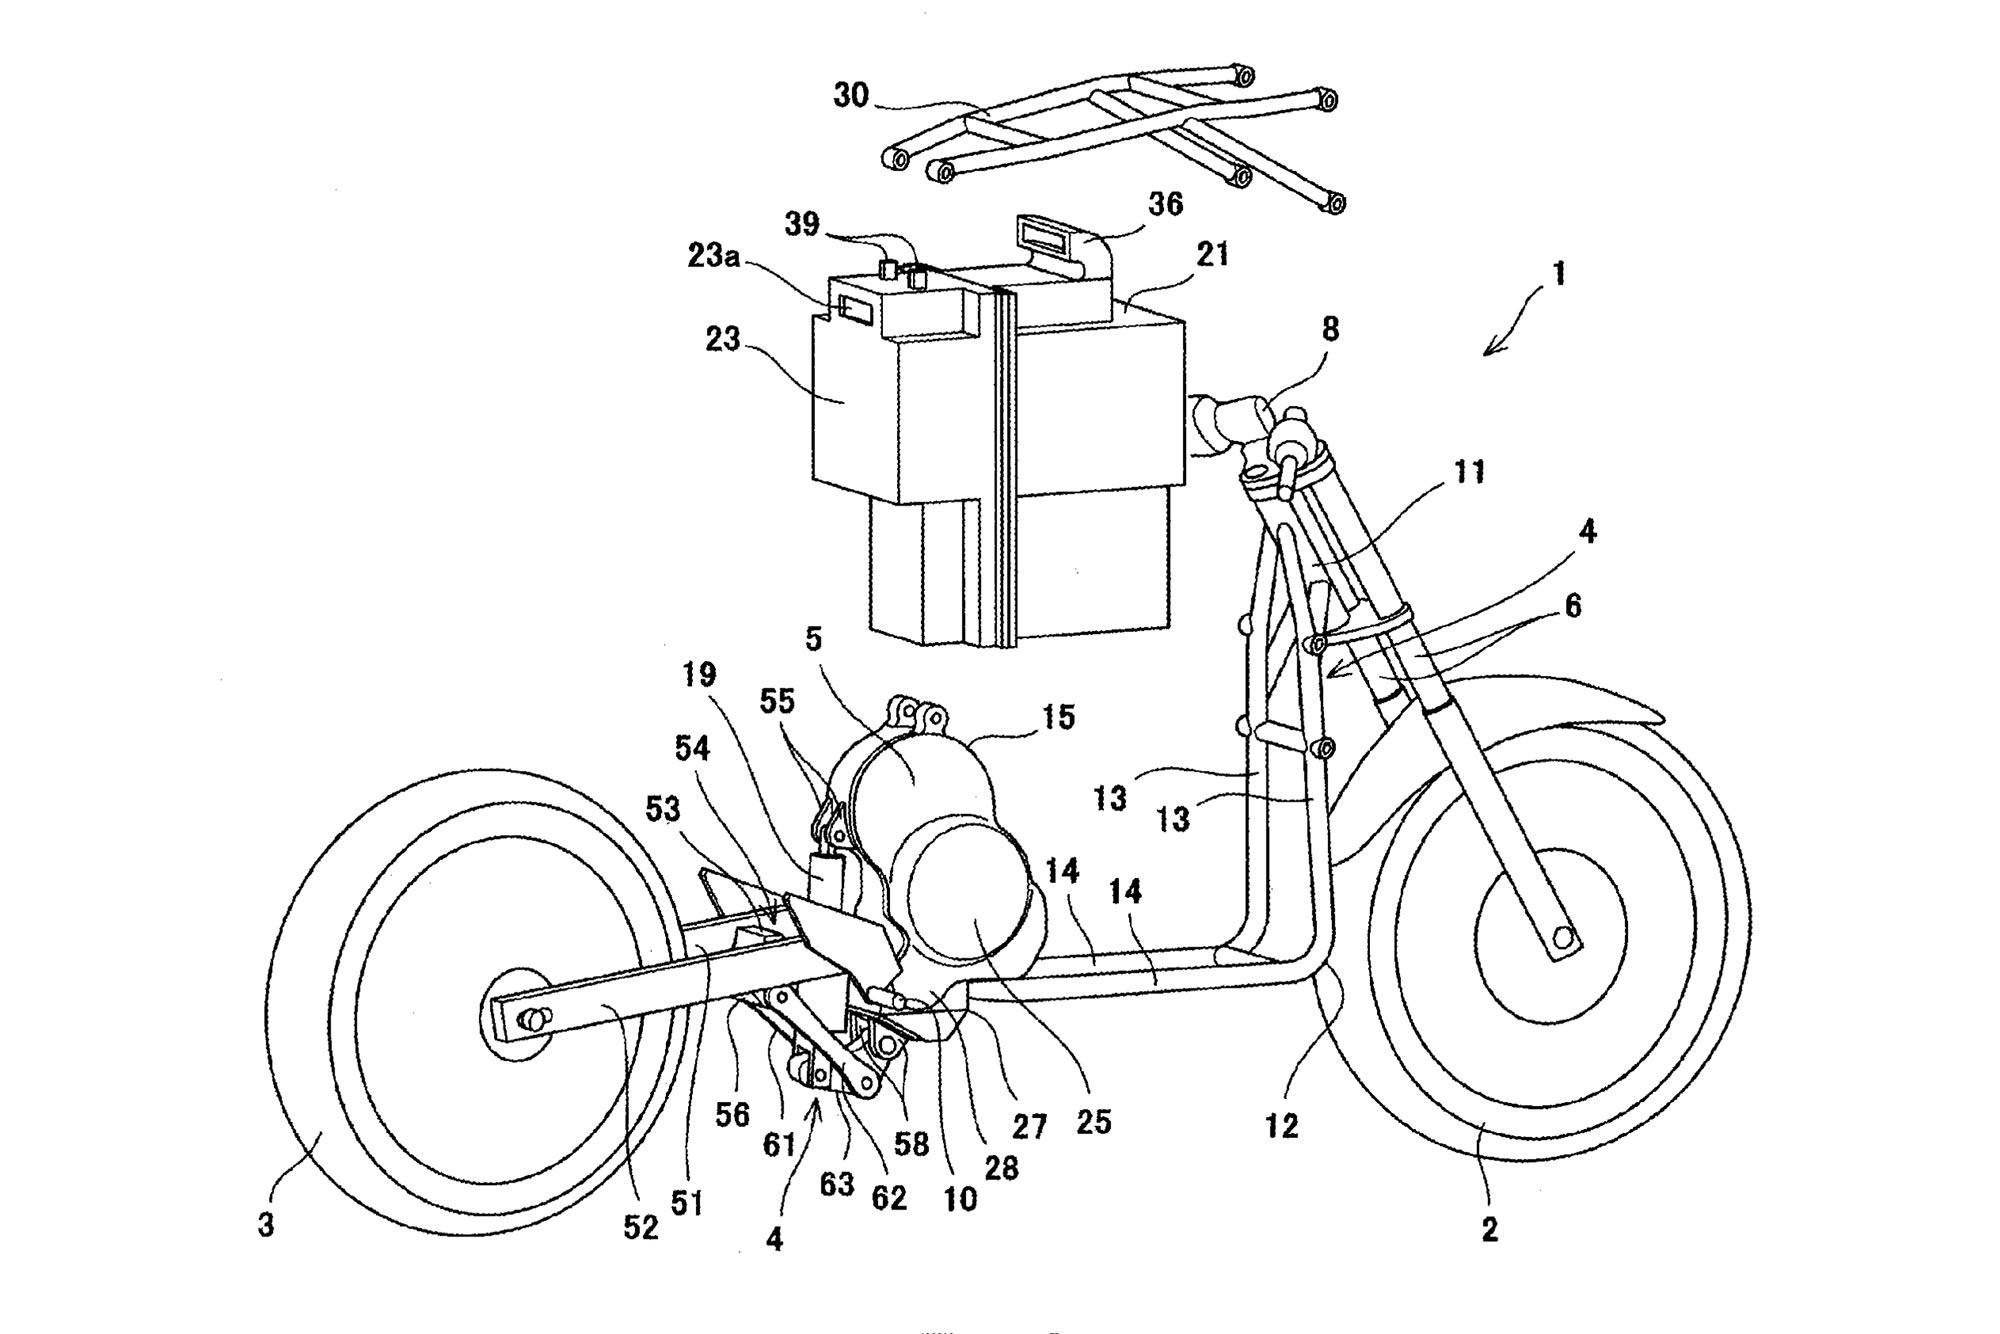 Kawasaki Mau Jual Motor Listrik?